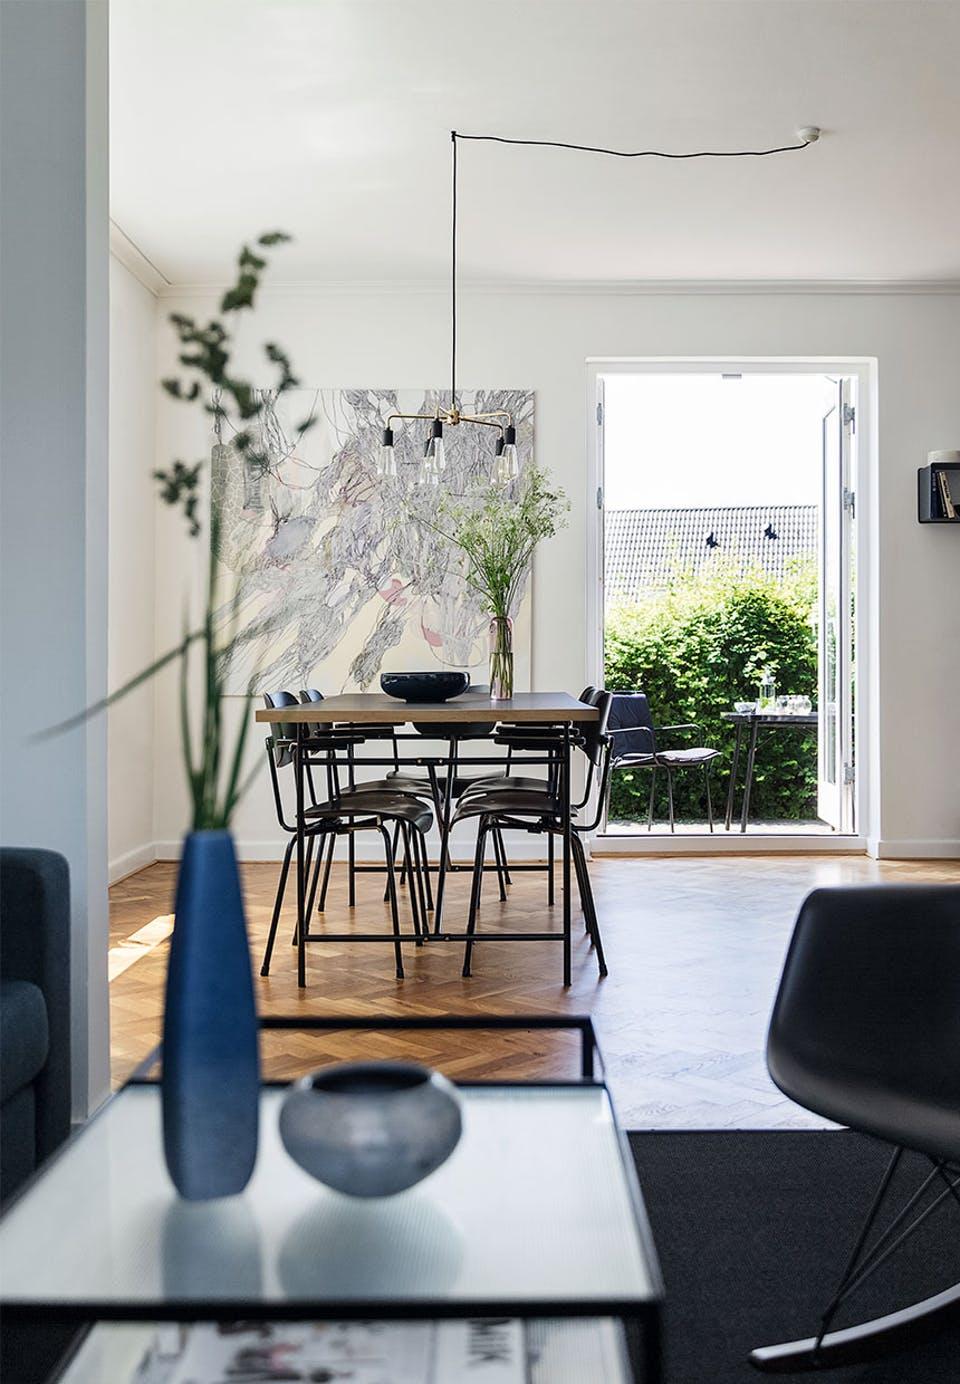 spisestue-traegulv-bord-stole-terrasse-vBvMkpRf3TM7uoyvTHpJ5w